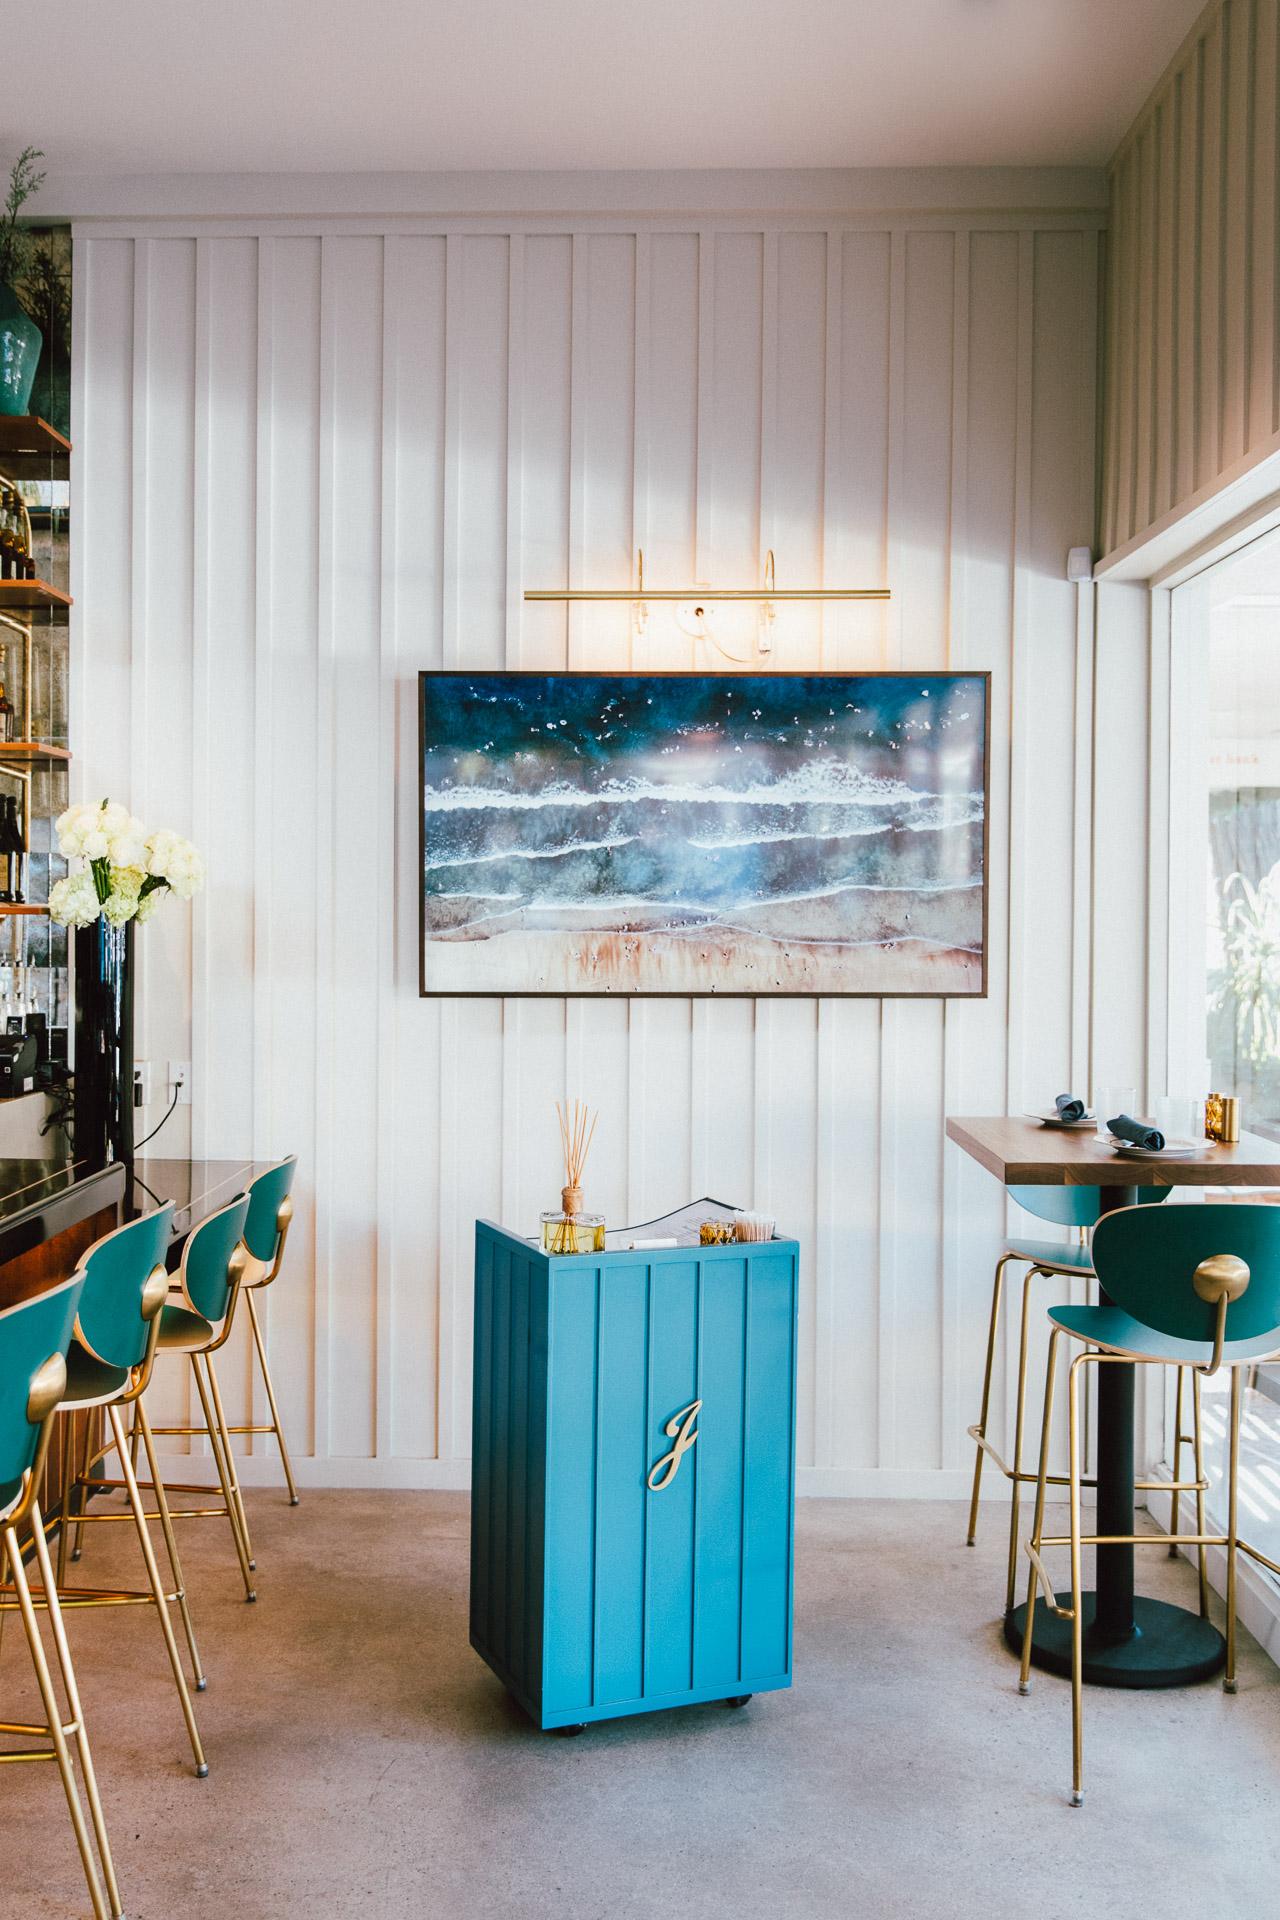 los-angeles-architectural-photographer-bistro-jolie-restaurant-14.jpg